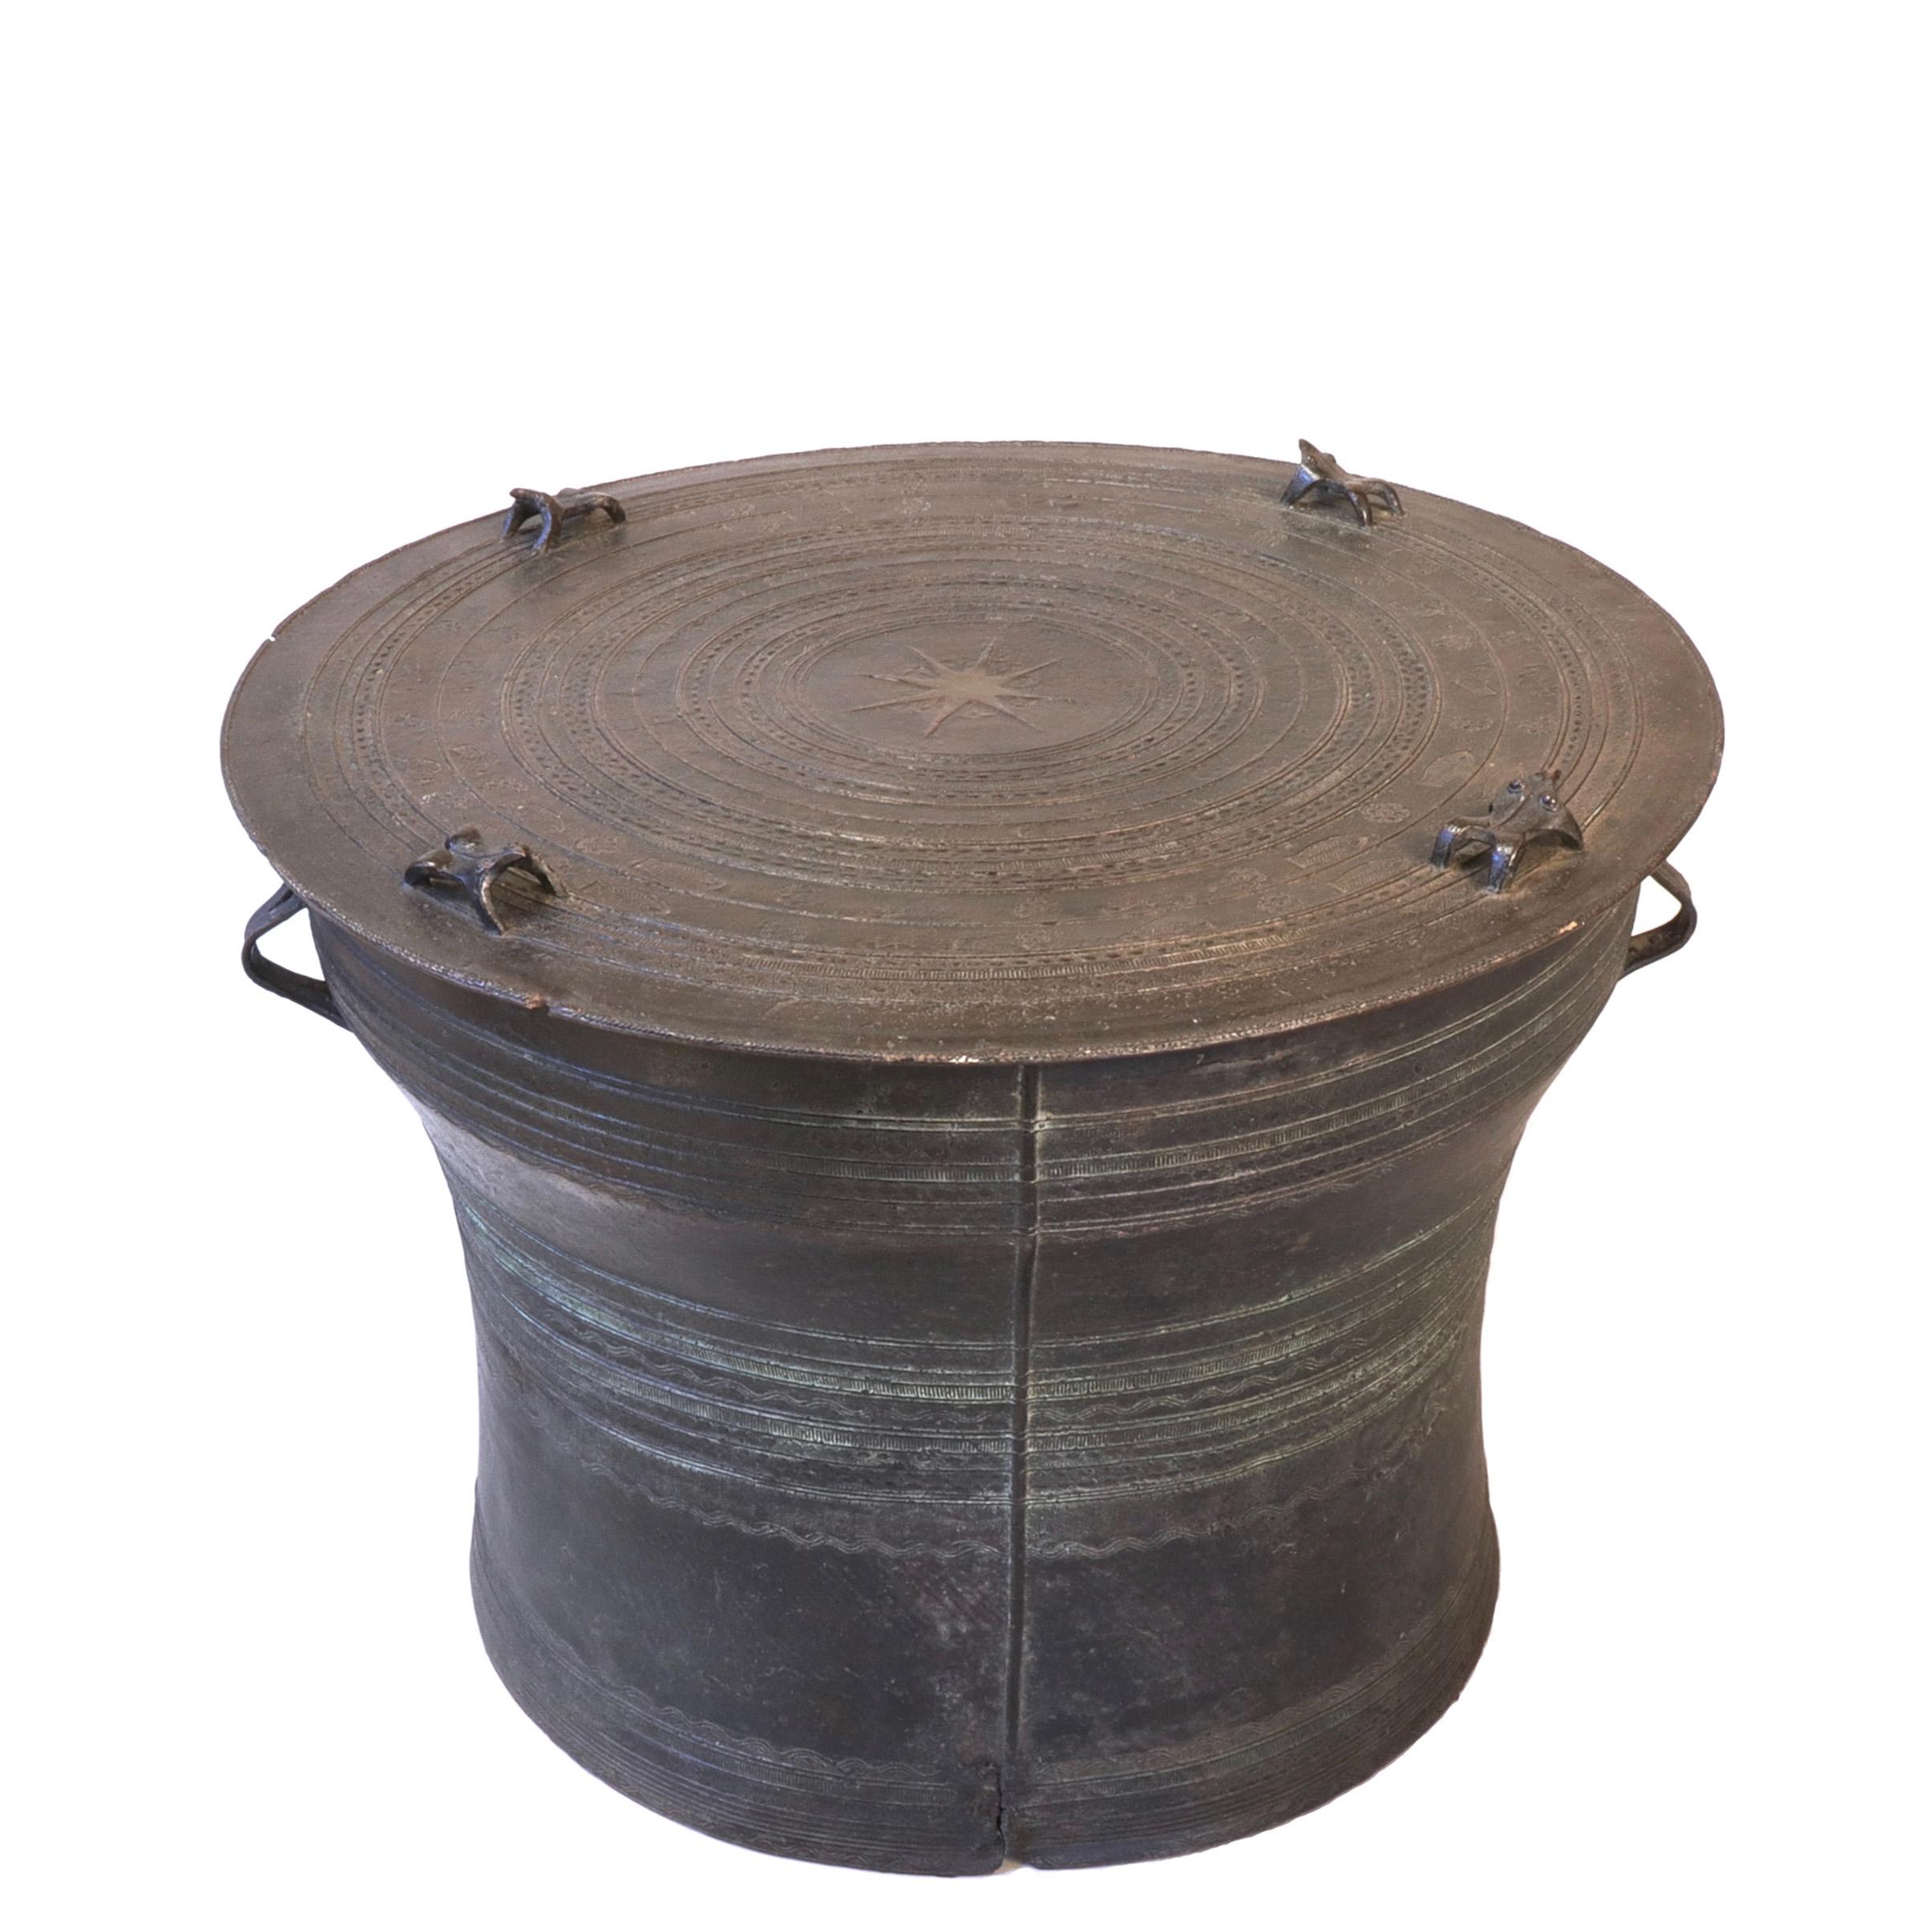 UH80061: Frog Drum